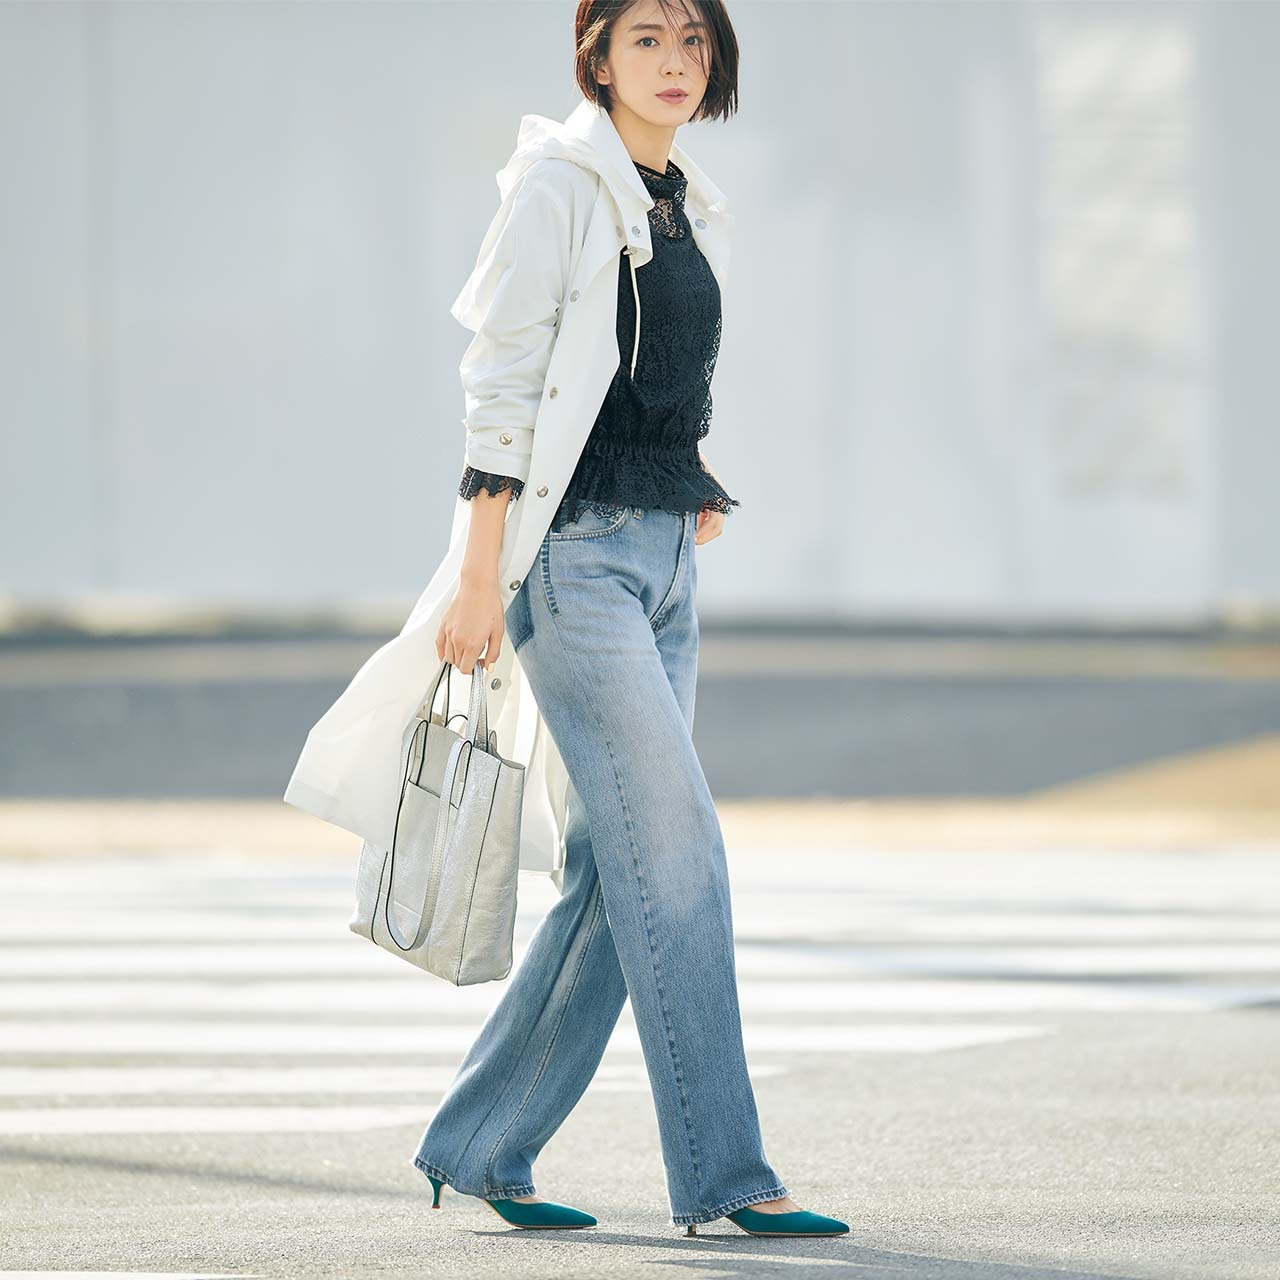 レースブラウス×コート×デニムコーデを着たモデルの竹内友梨さん